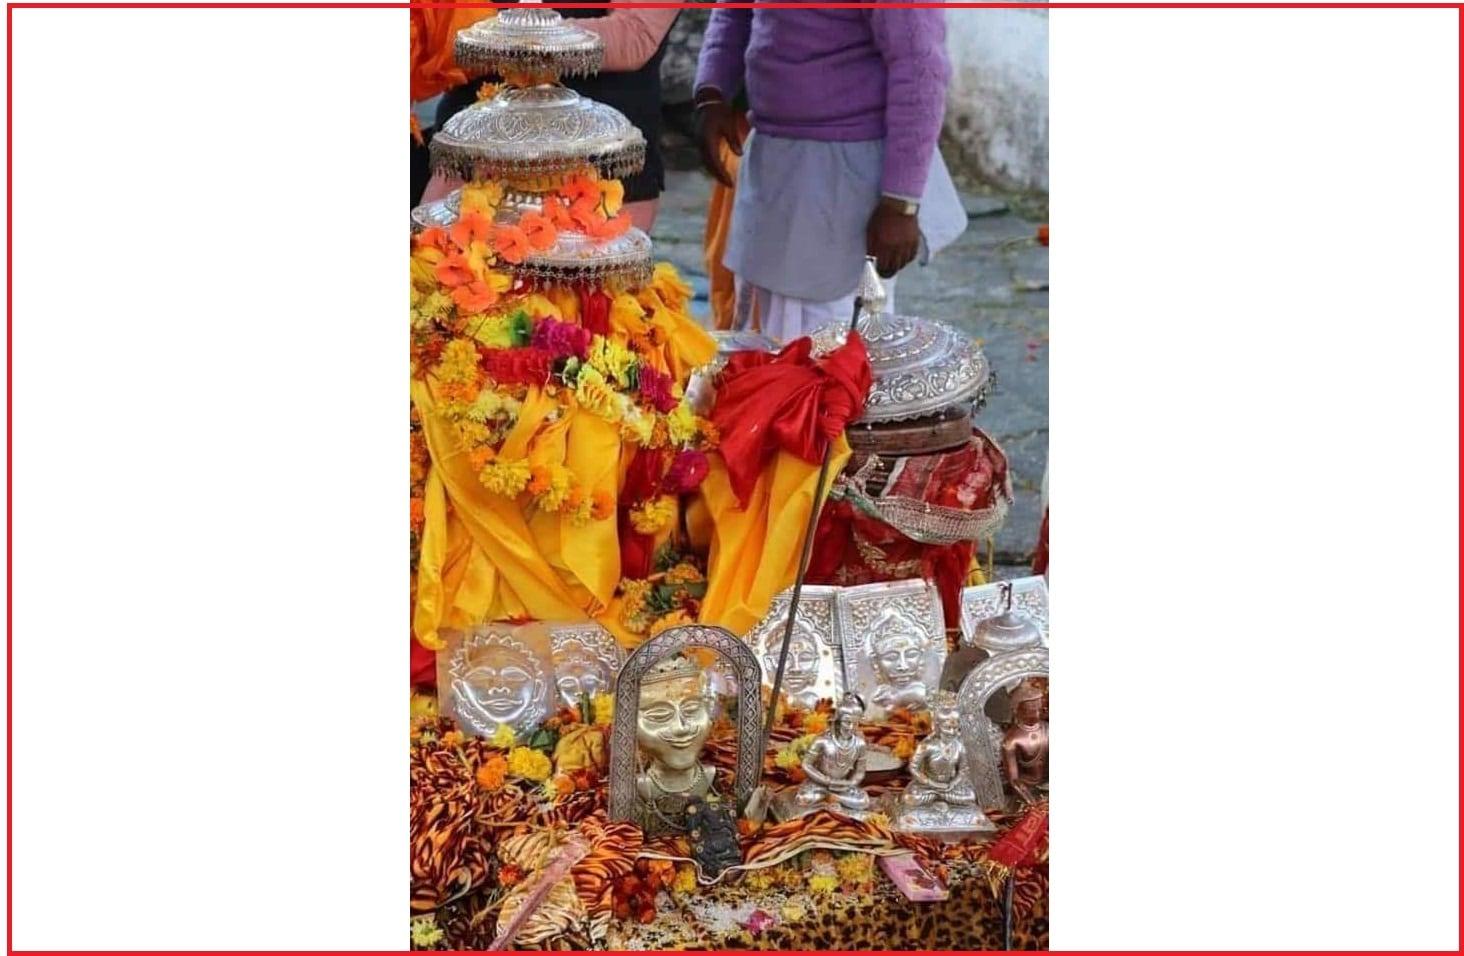 तुंगनाथ के कपाट खुलने के साथ ही उत्तराखंड के पंचकेदार के कपाट ग्रीष्मकाल के लिए खुल गए हैं.